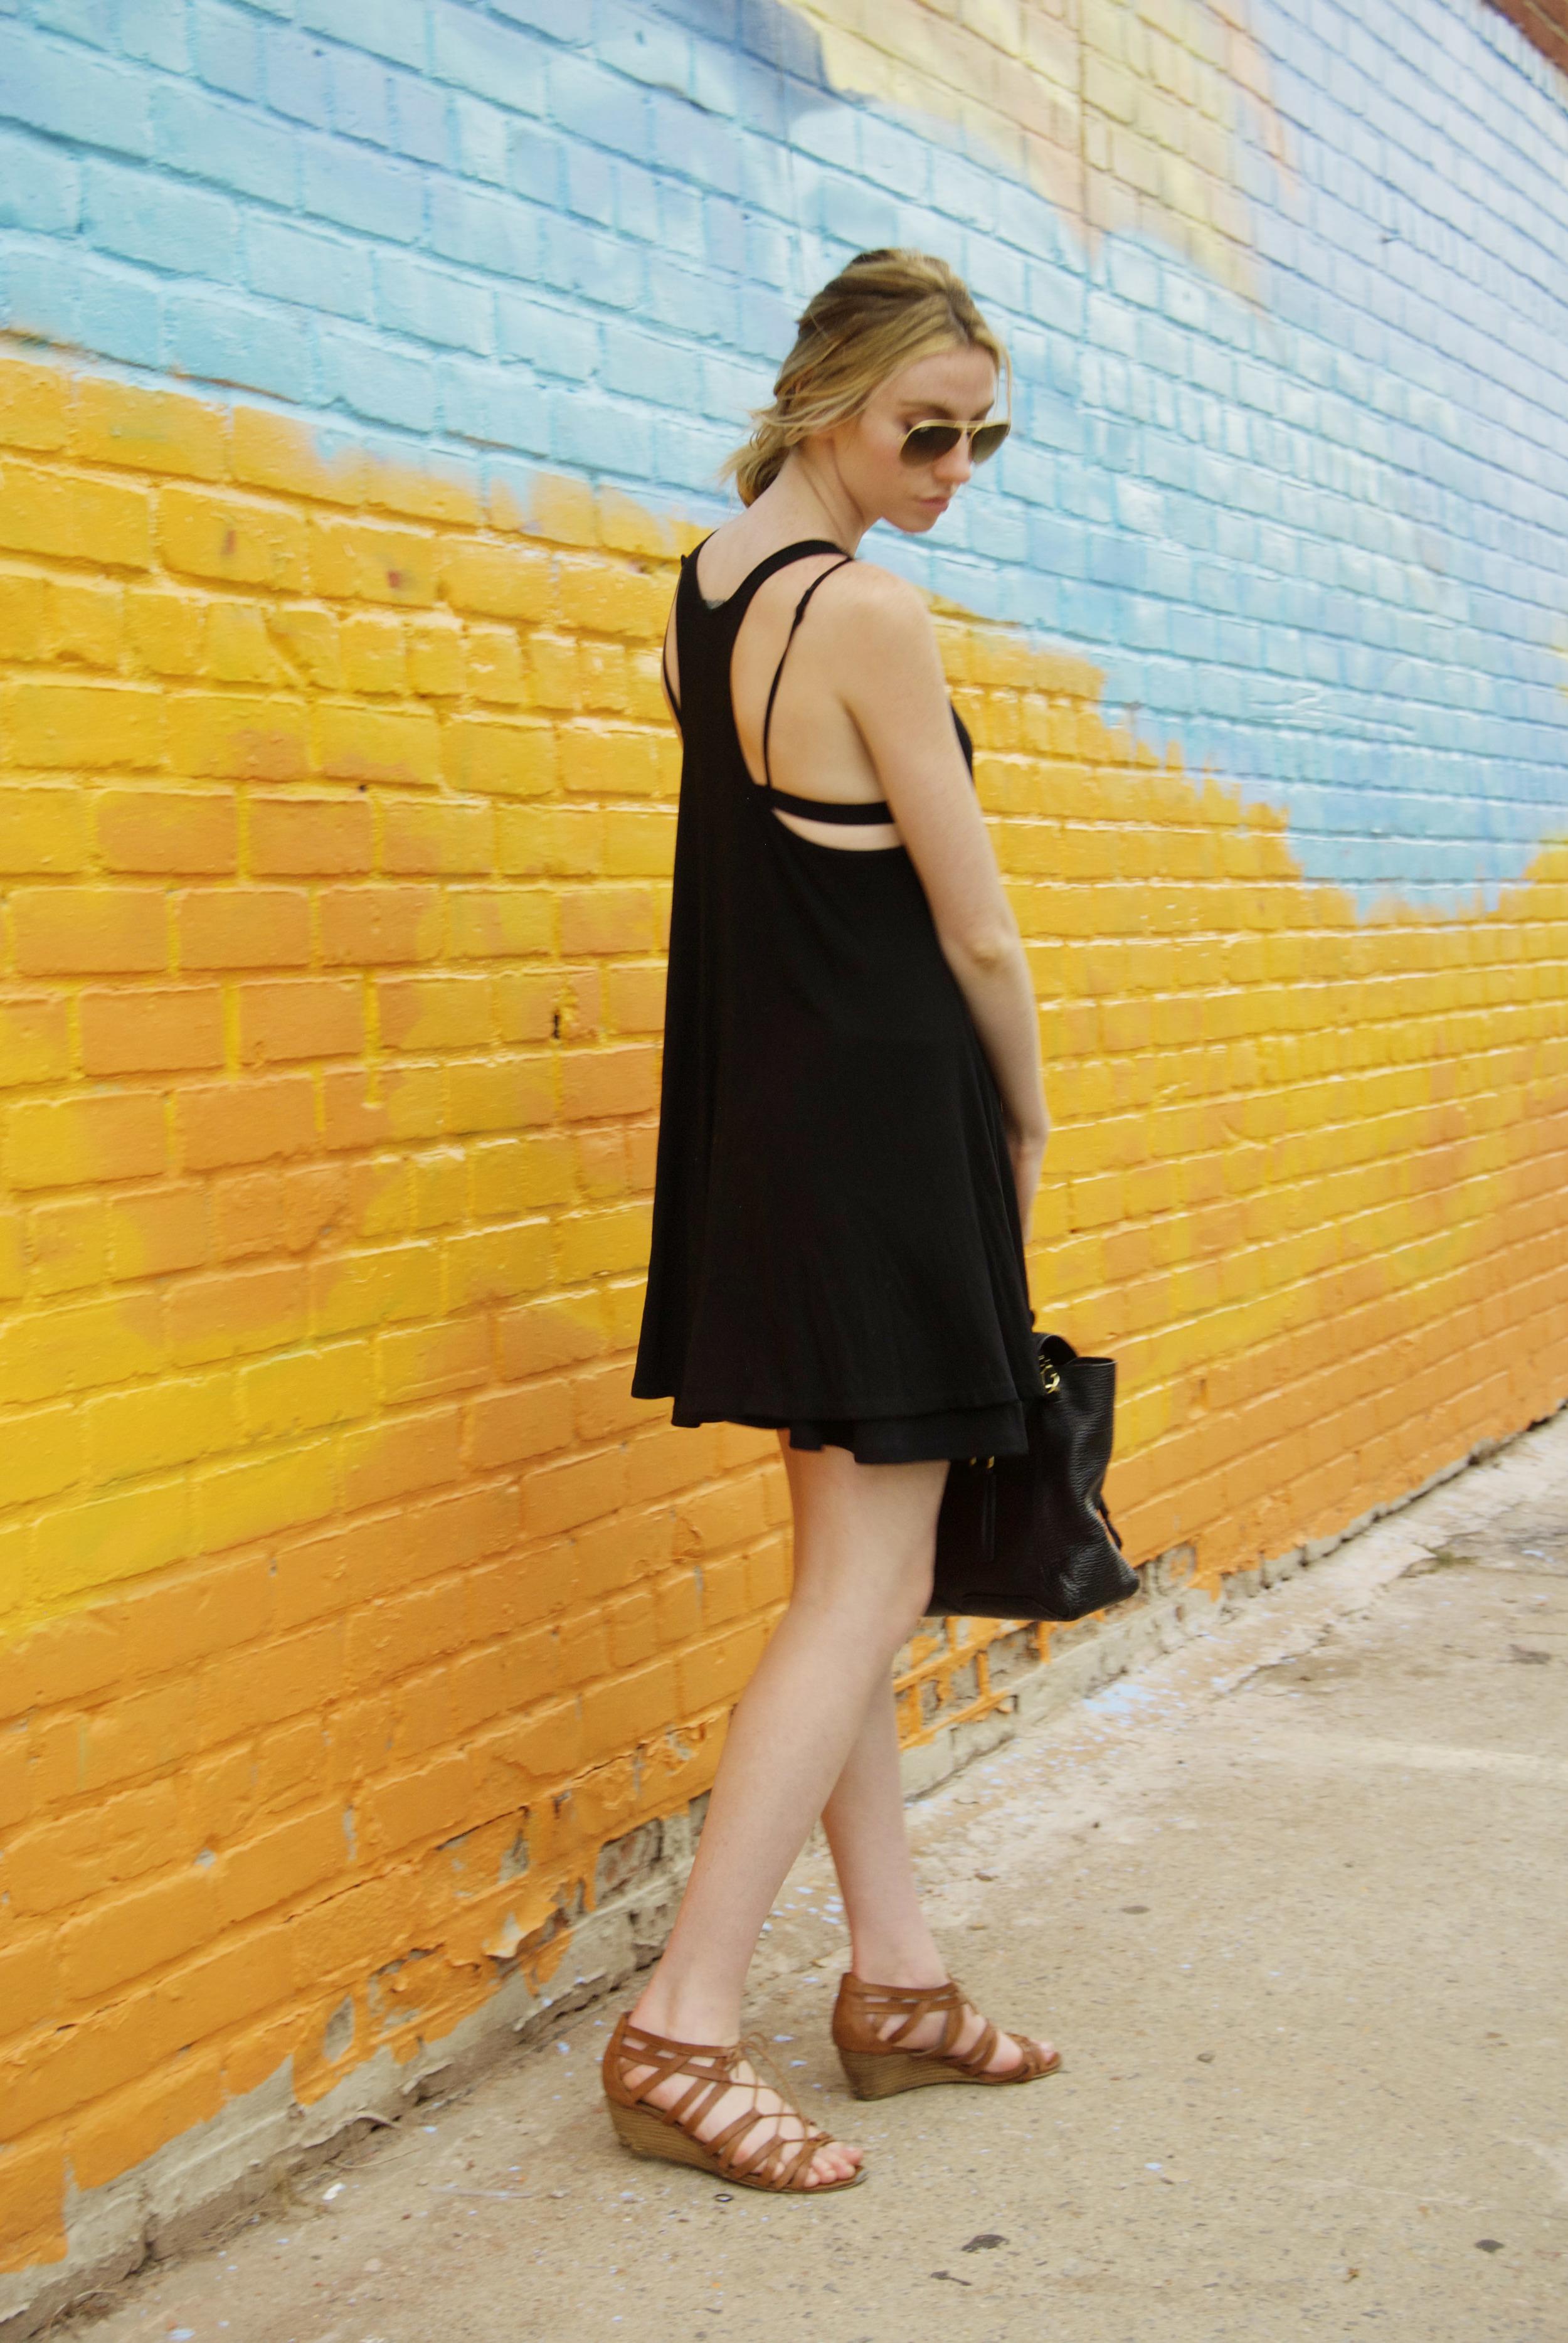 Black Brandy Melville Shift Dress (via Girl x Garment)